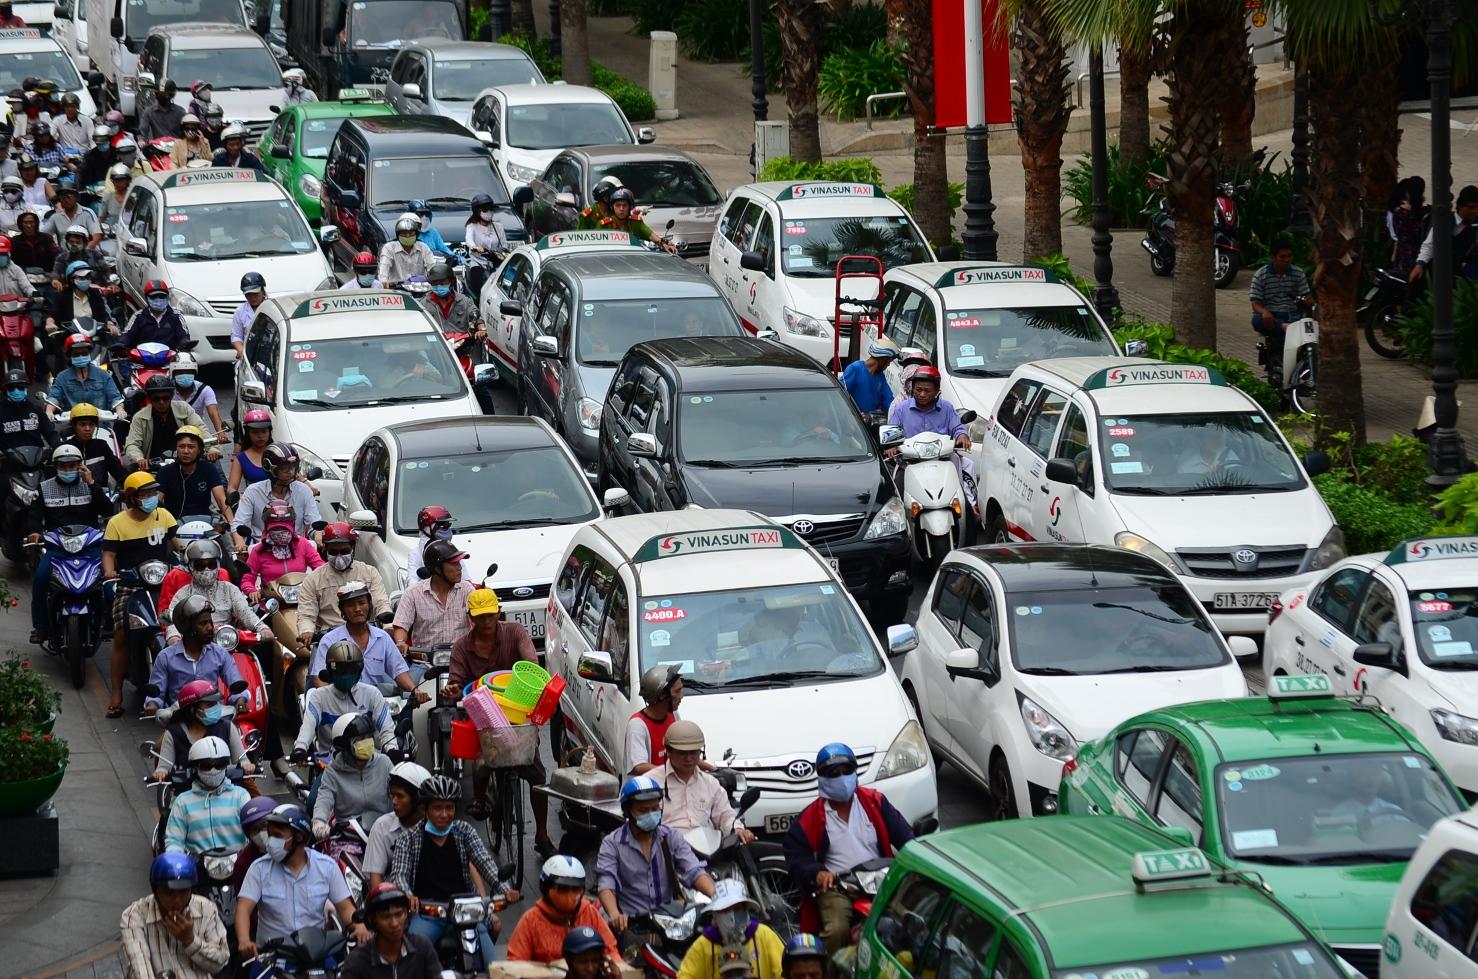 Kinh nghiệm lái xe Mitsubishi khi vào khu đông dân cư cho người mới